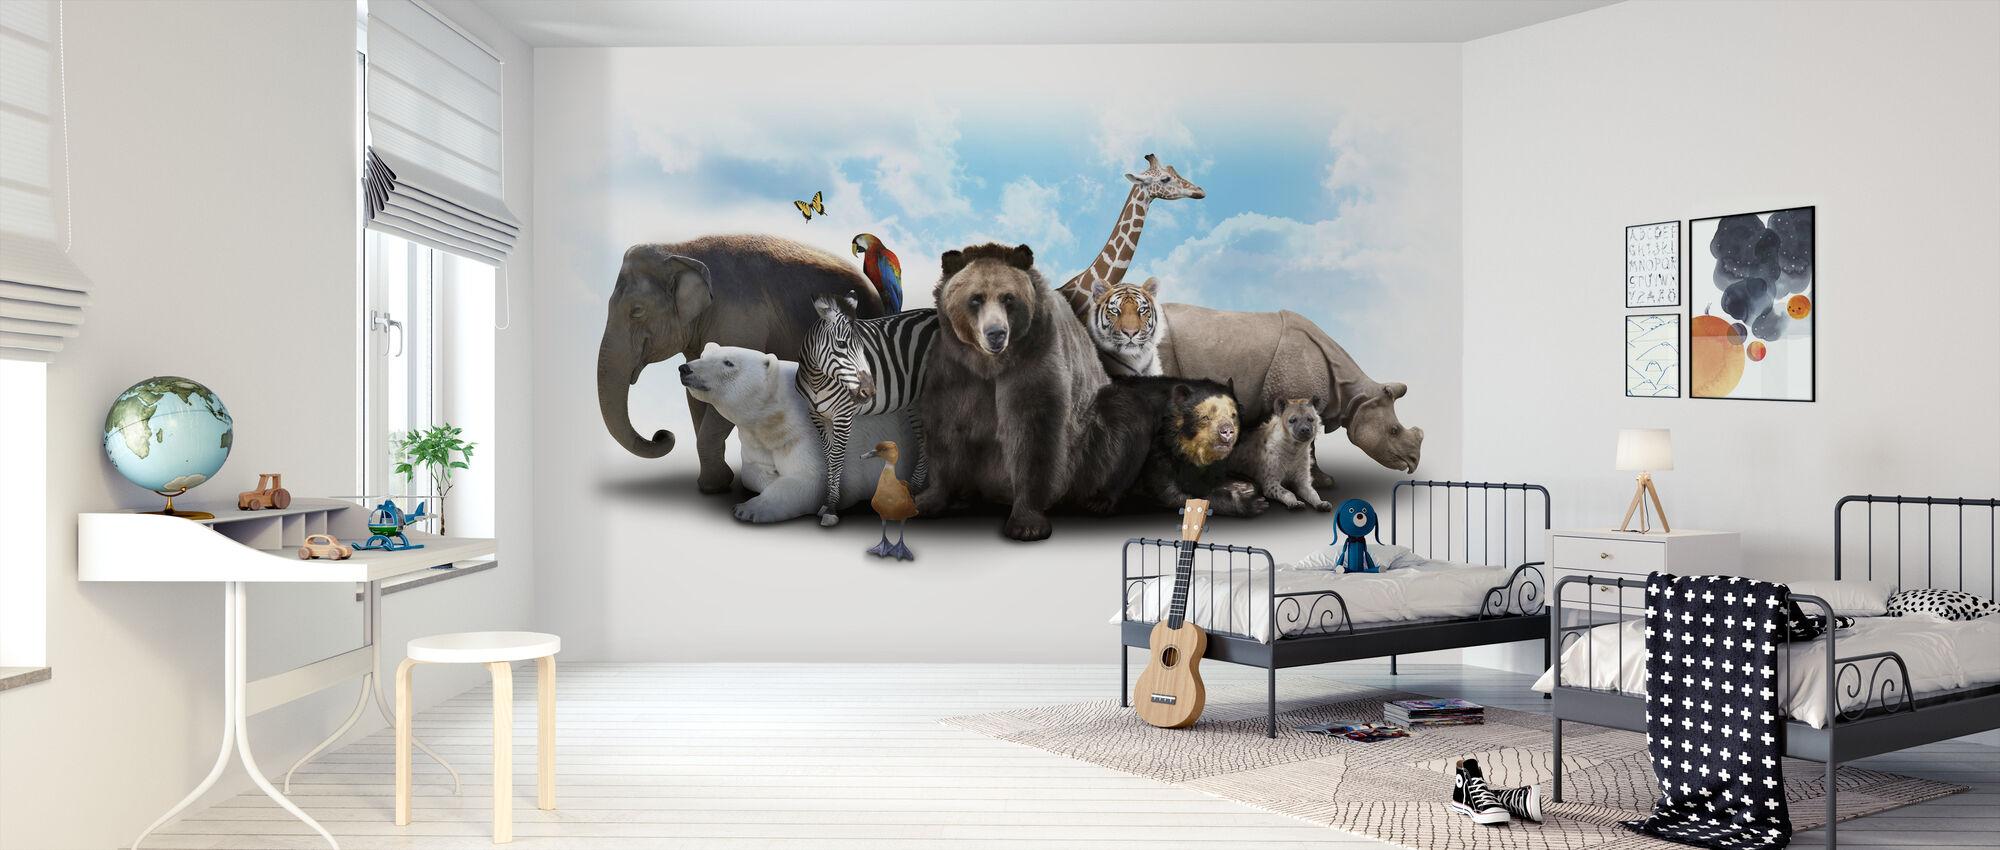 Overvol - Behang - Kinderkamer